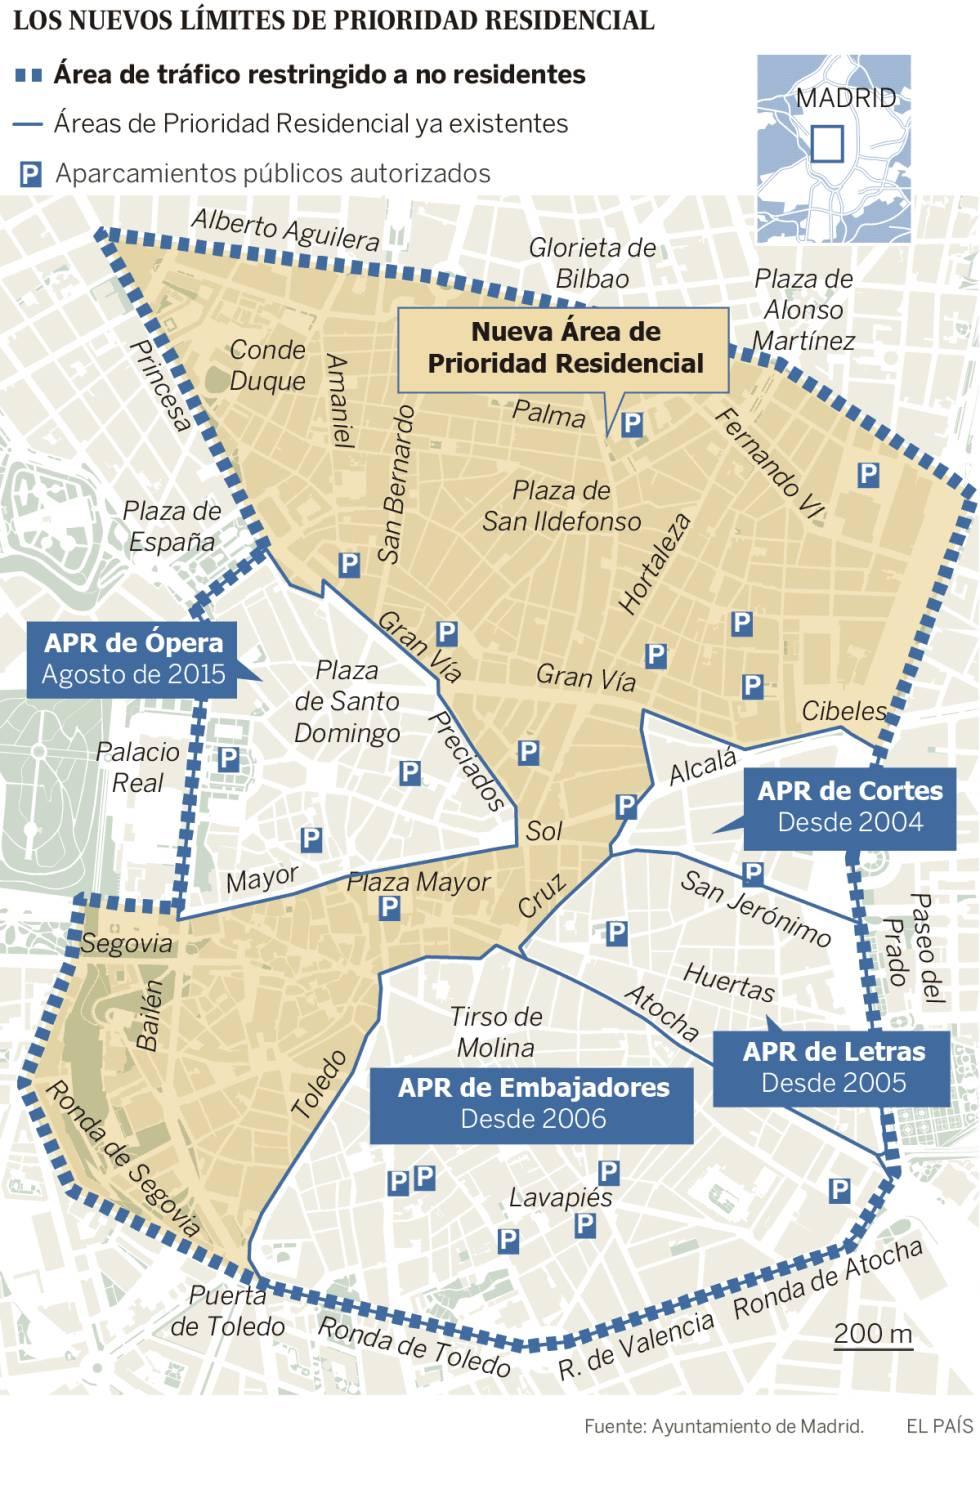 Restricciones Tráfico Madrid Mapa.Las Restricciones De Acceso A Madrid Central Comenzaran El